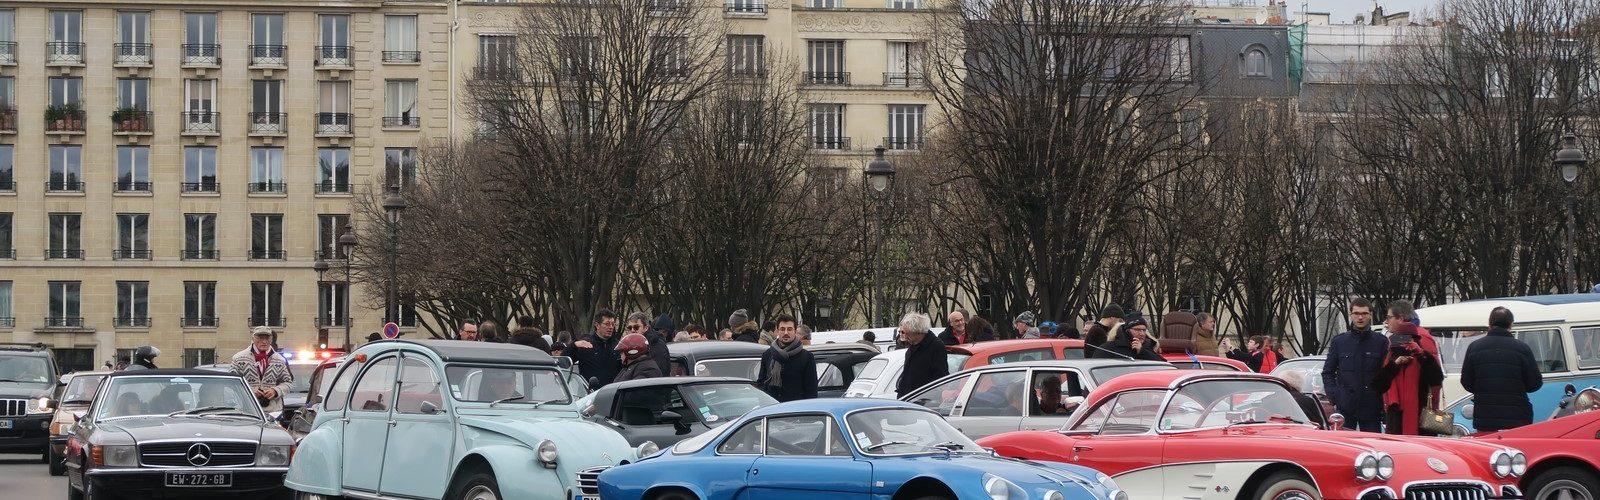 Traversee de Paris hivernale 2019 FM 110